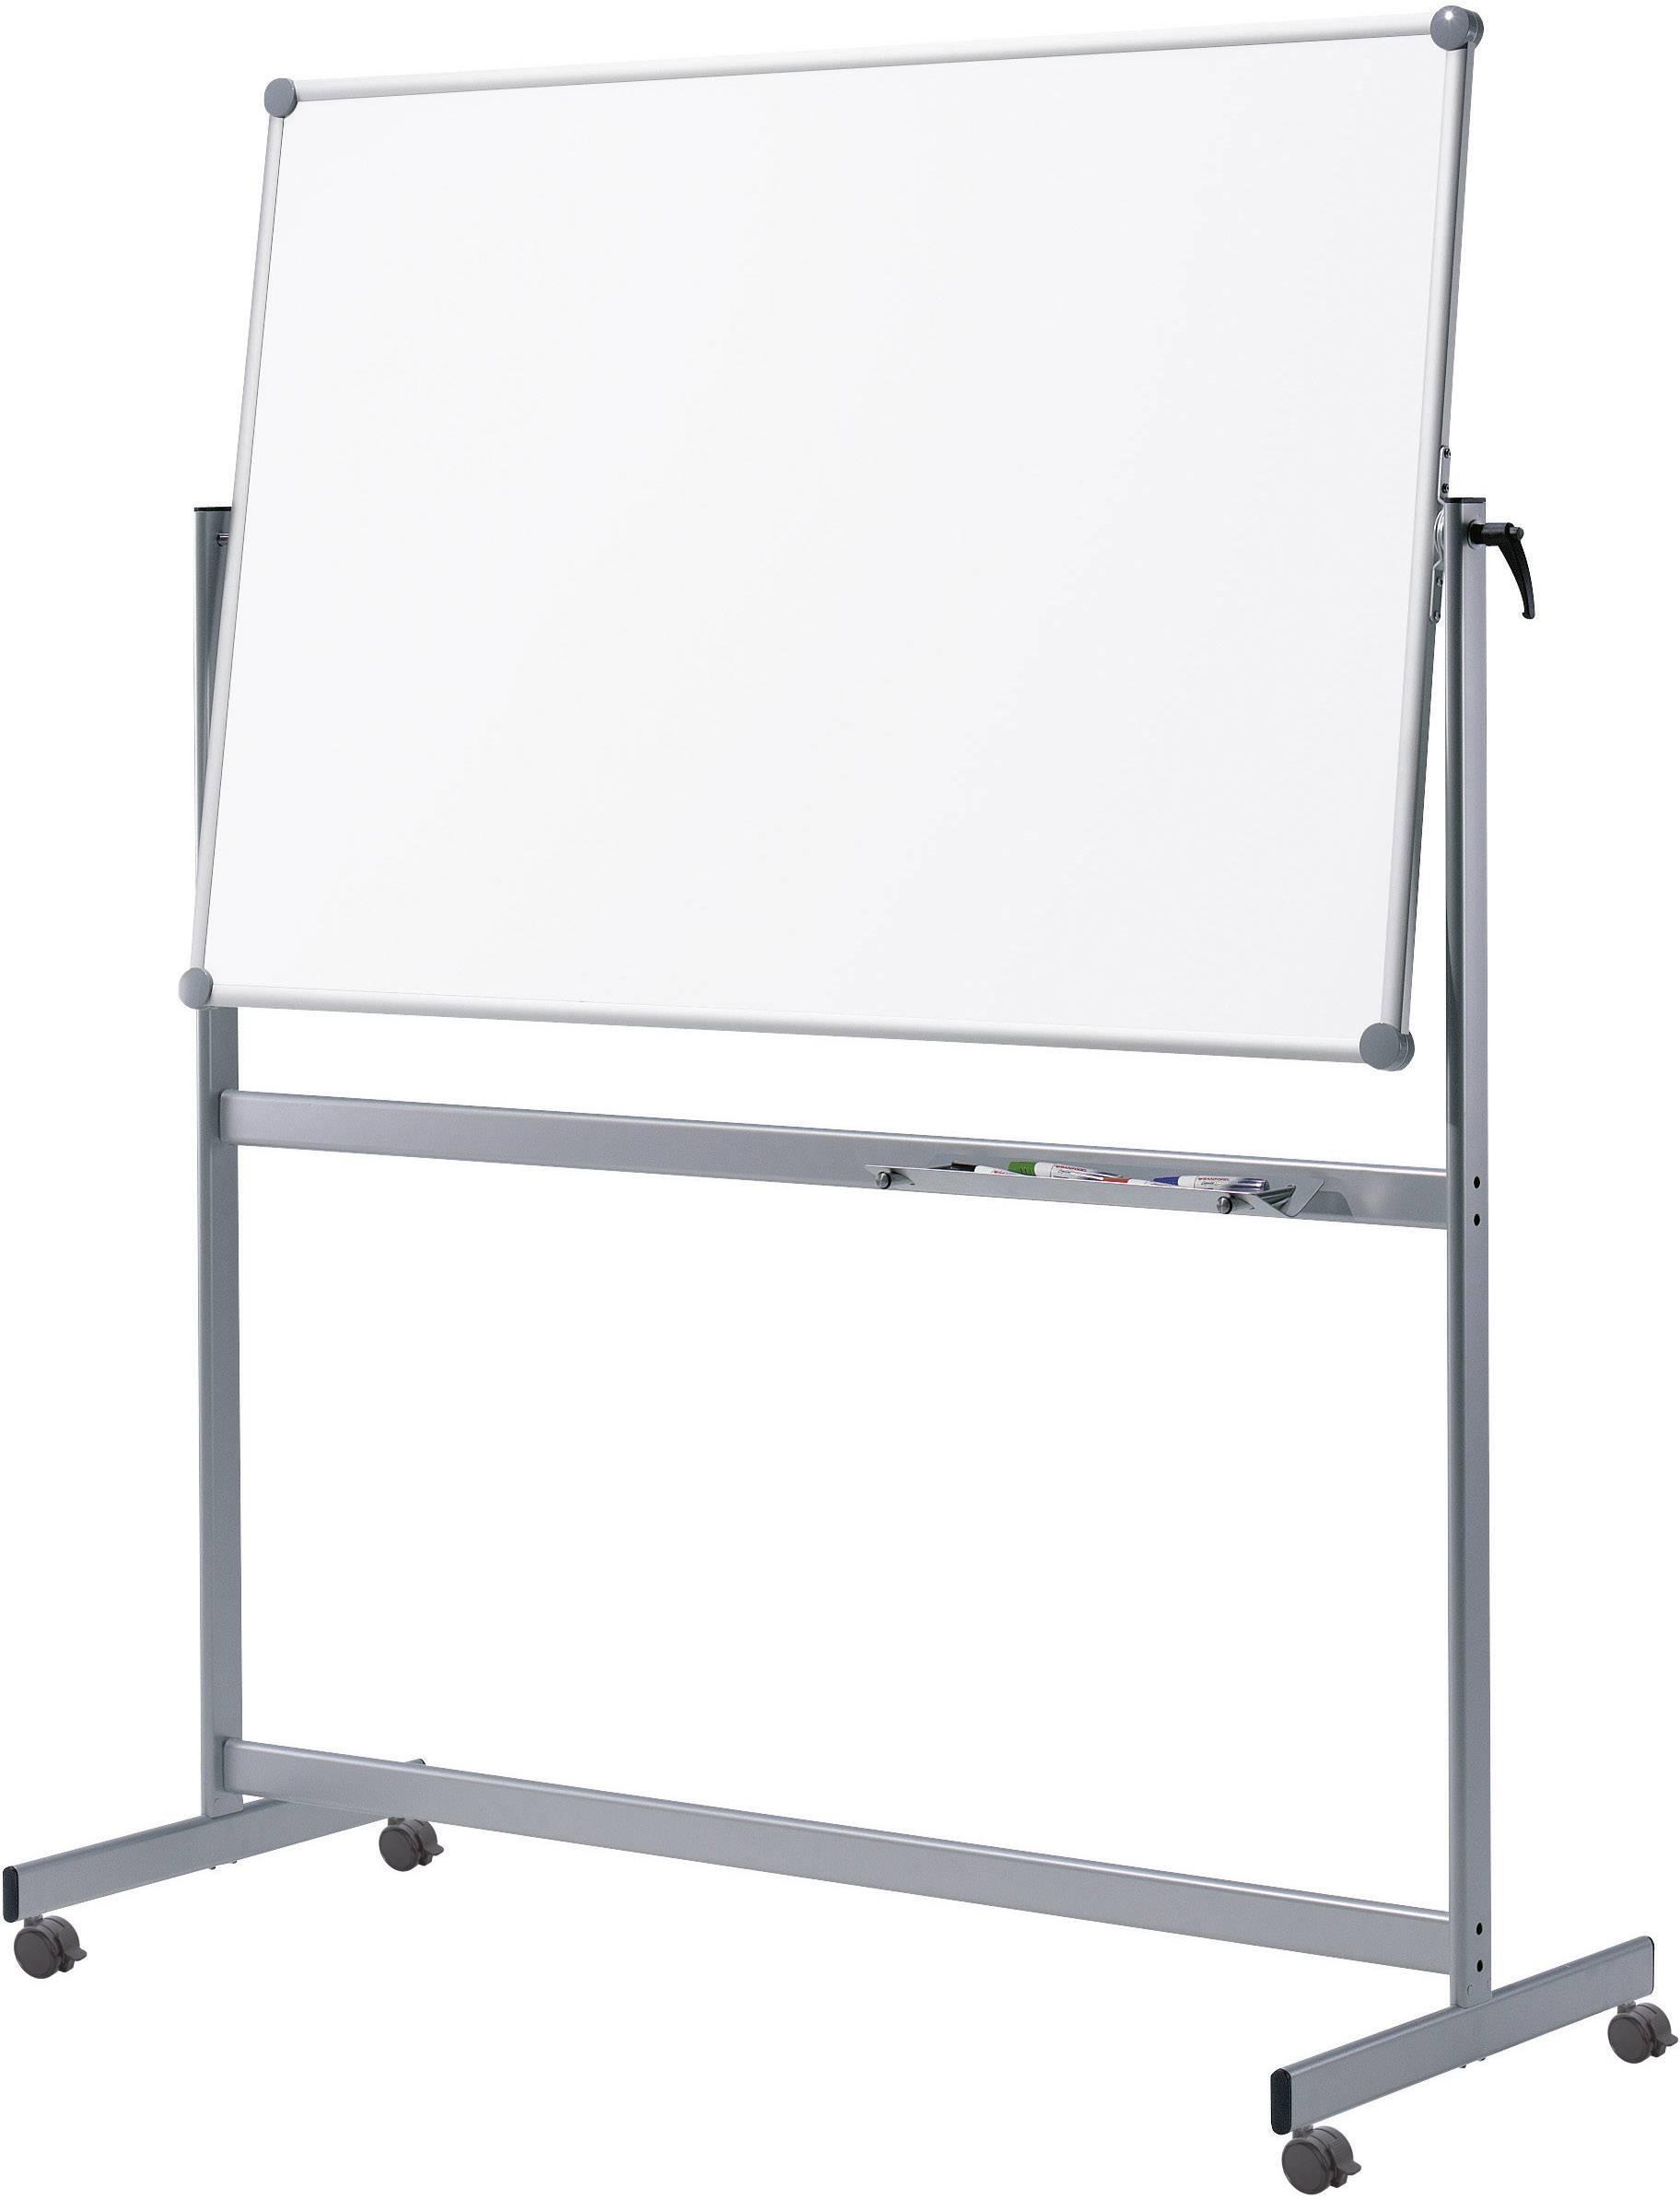 tafel büro whiteboard maul mobiles whiteboard maulpro h 210 cm 100 tafel büro für ihren betrieb online kaufen